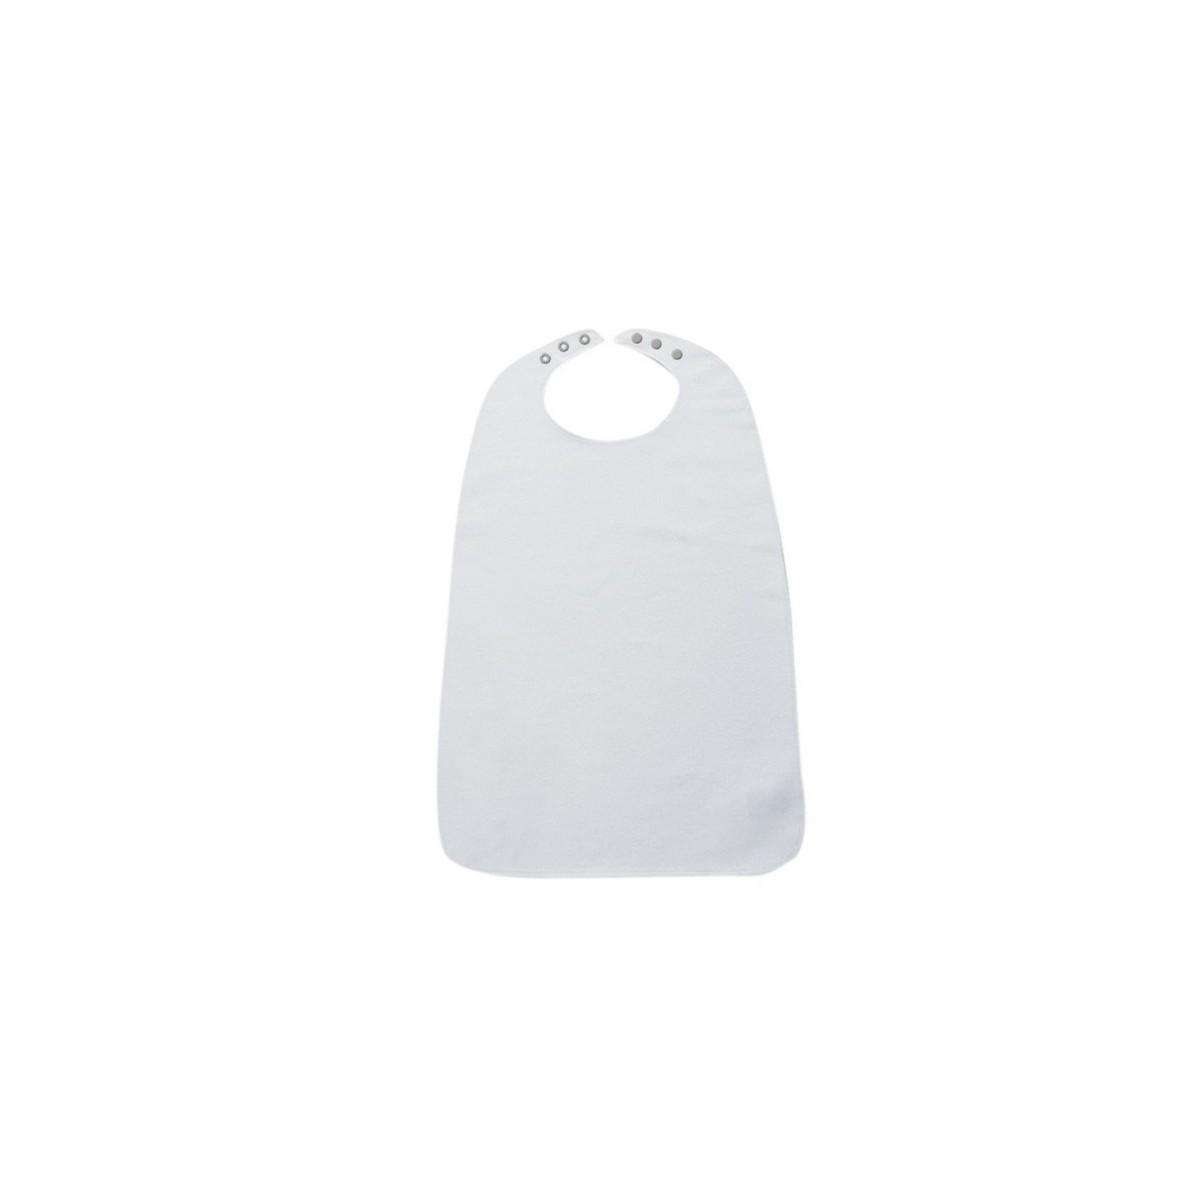 Ess-Schürze aus Frottee mit Druckknopfverschluss - Ess-Latz Weiß